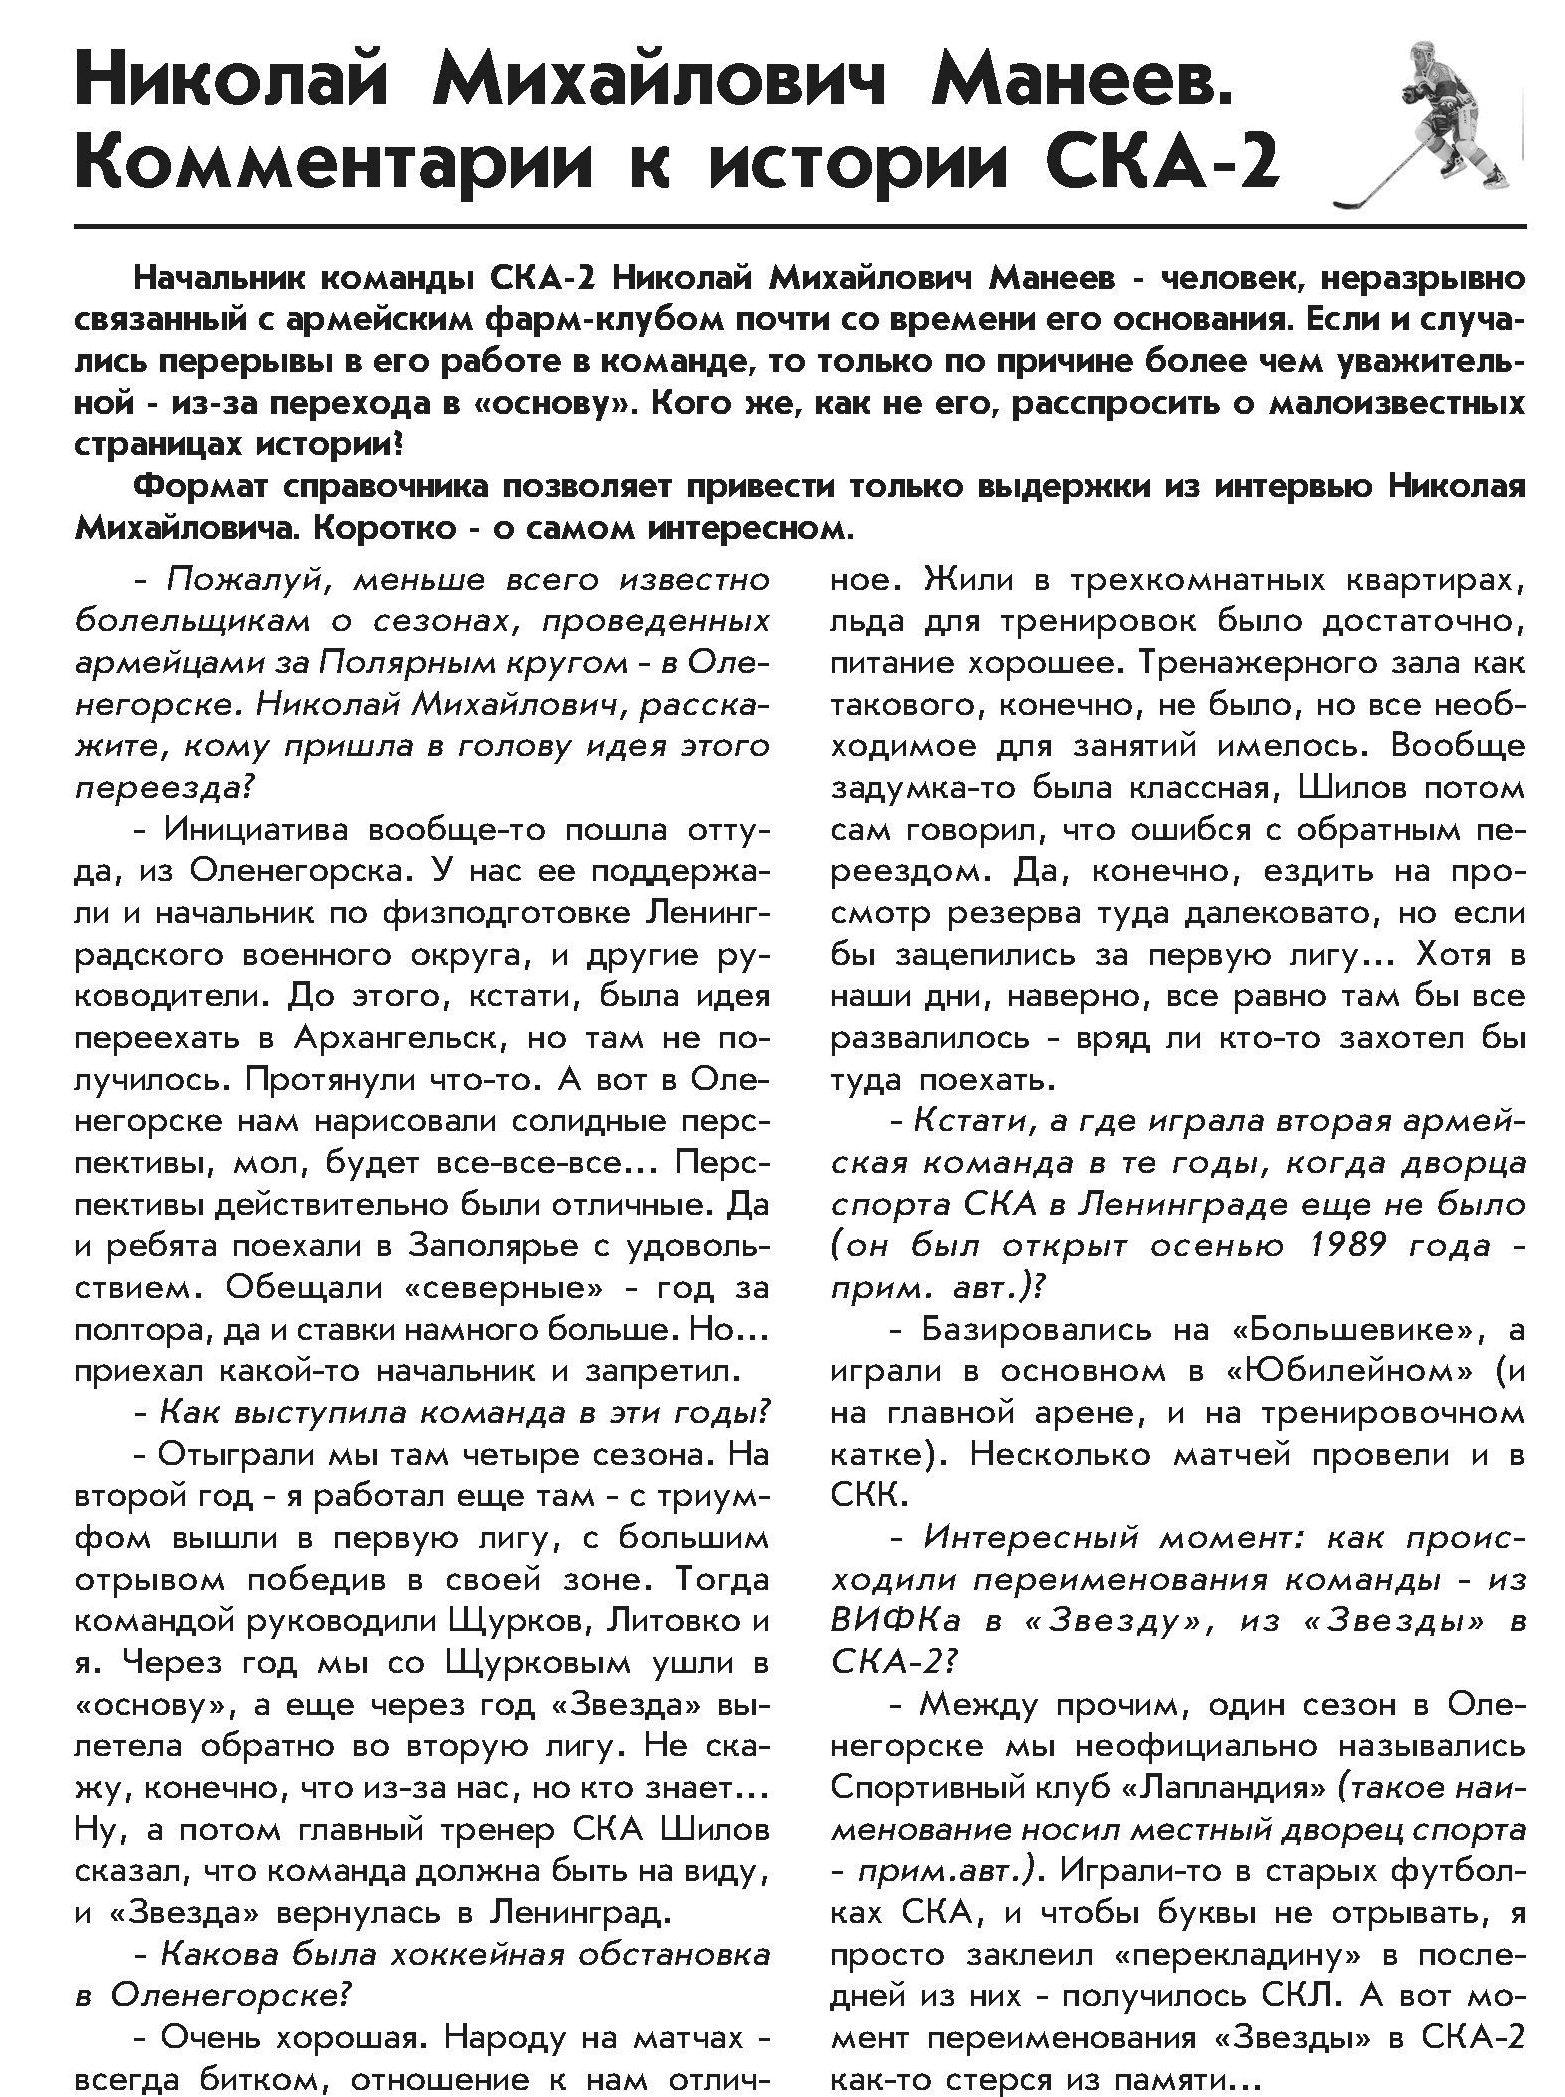 СКА - 2 calendar 05-06 Манеев.jpg